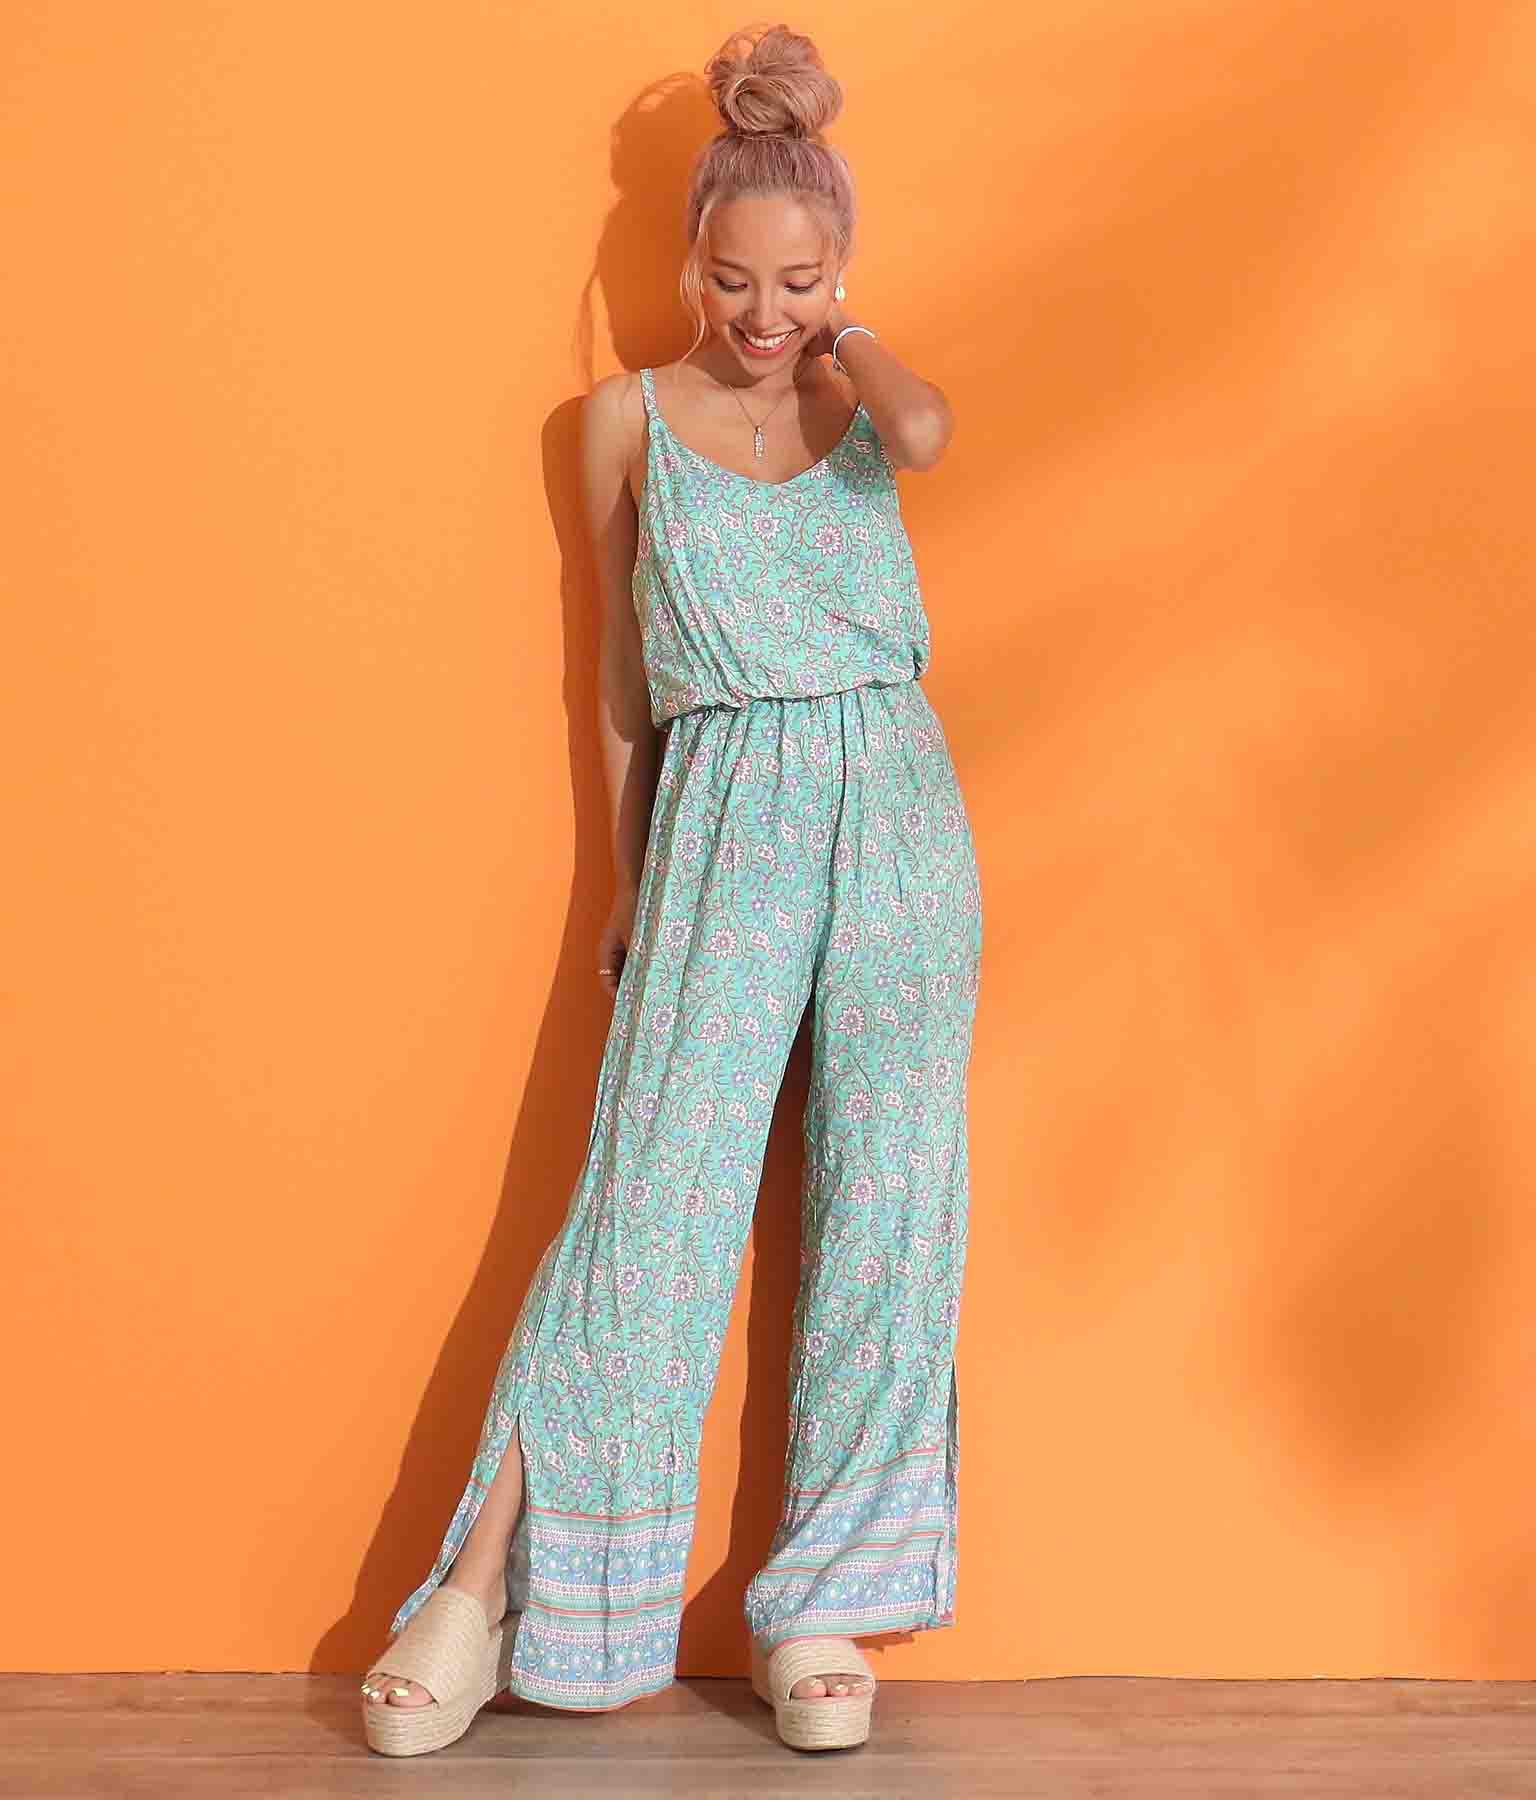 オリエンタルデザインオールインワン(ワンピース・ドレス/サロペット/オールインワン) | anap mimpi